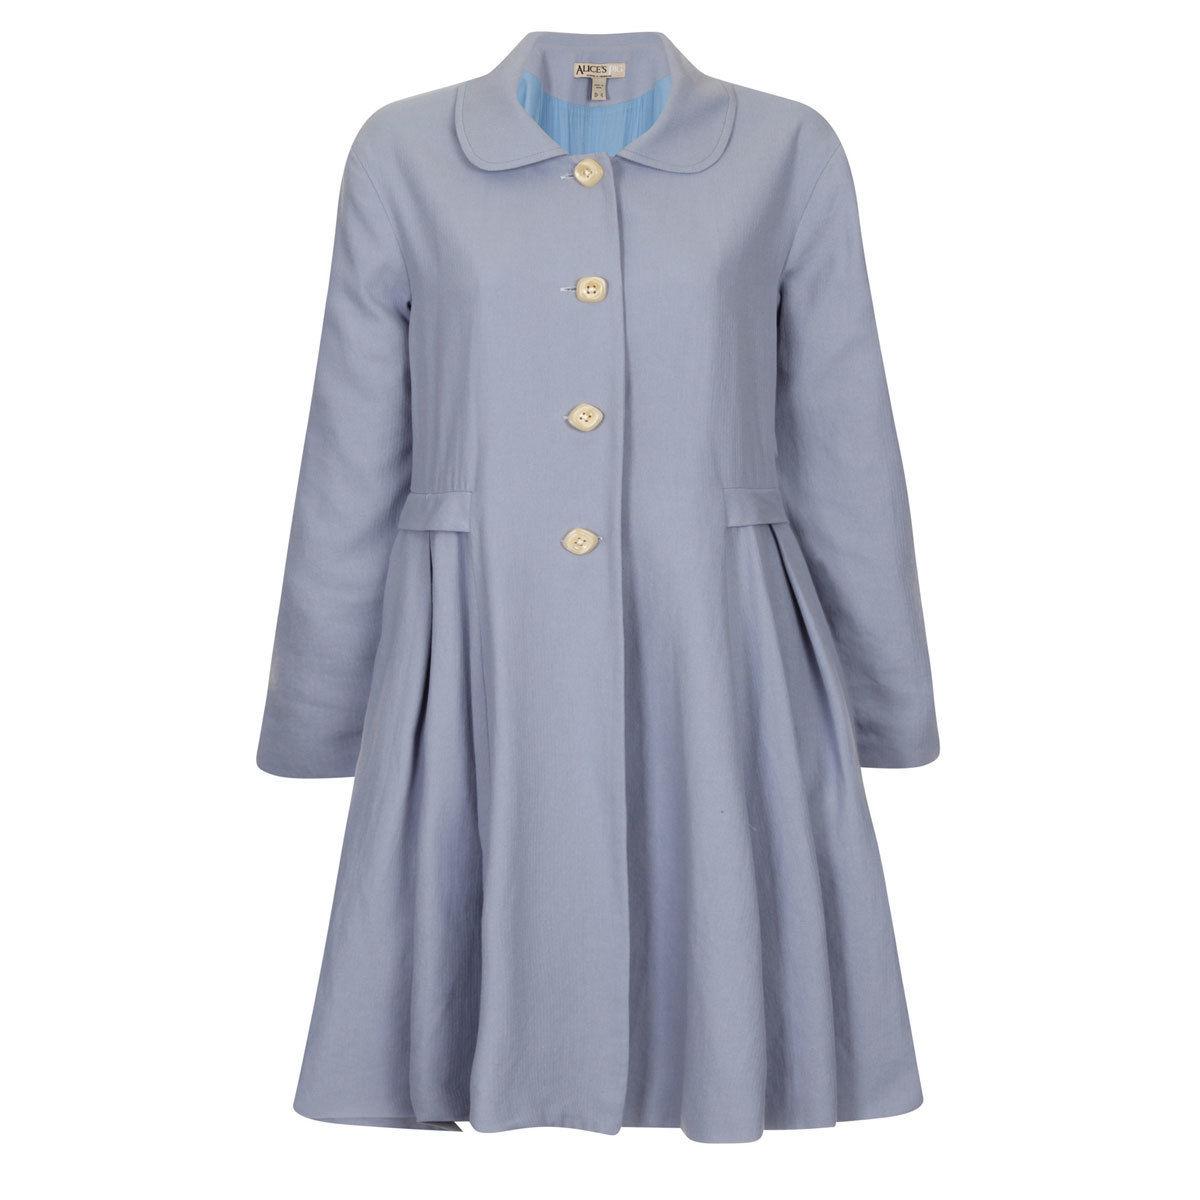 [SALE] Alice's Pig アリスズピッグ スプリングコート Demis Dallas Coat Blue